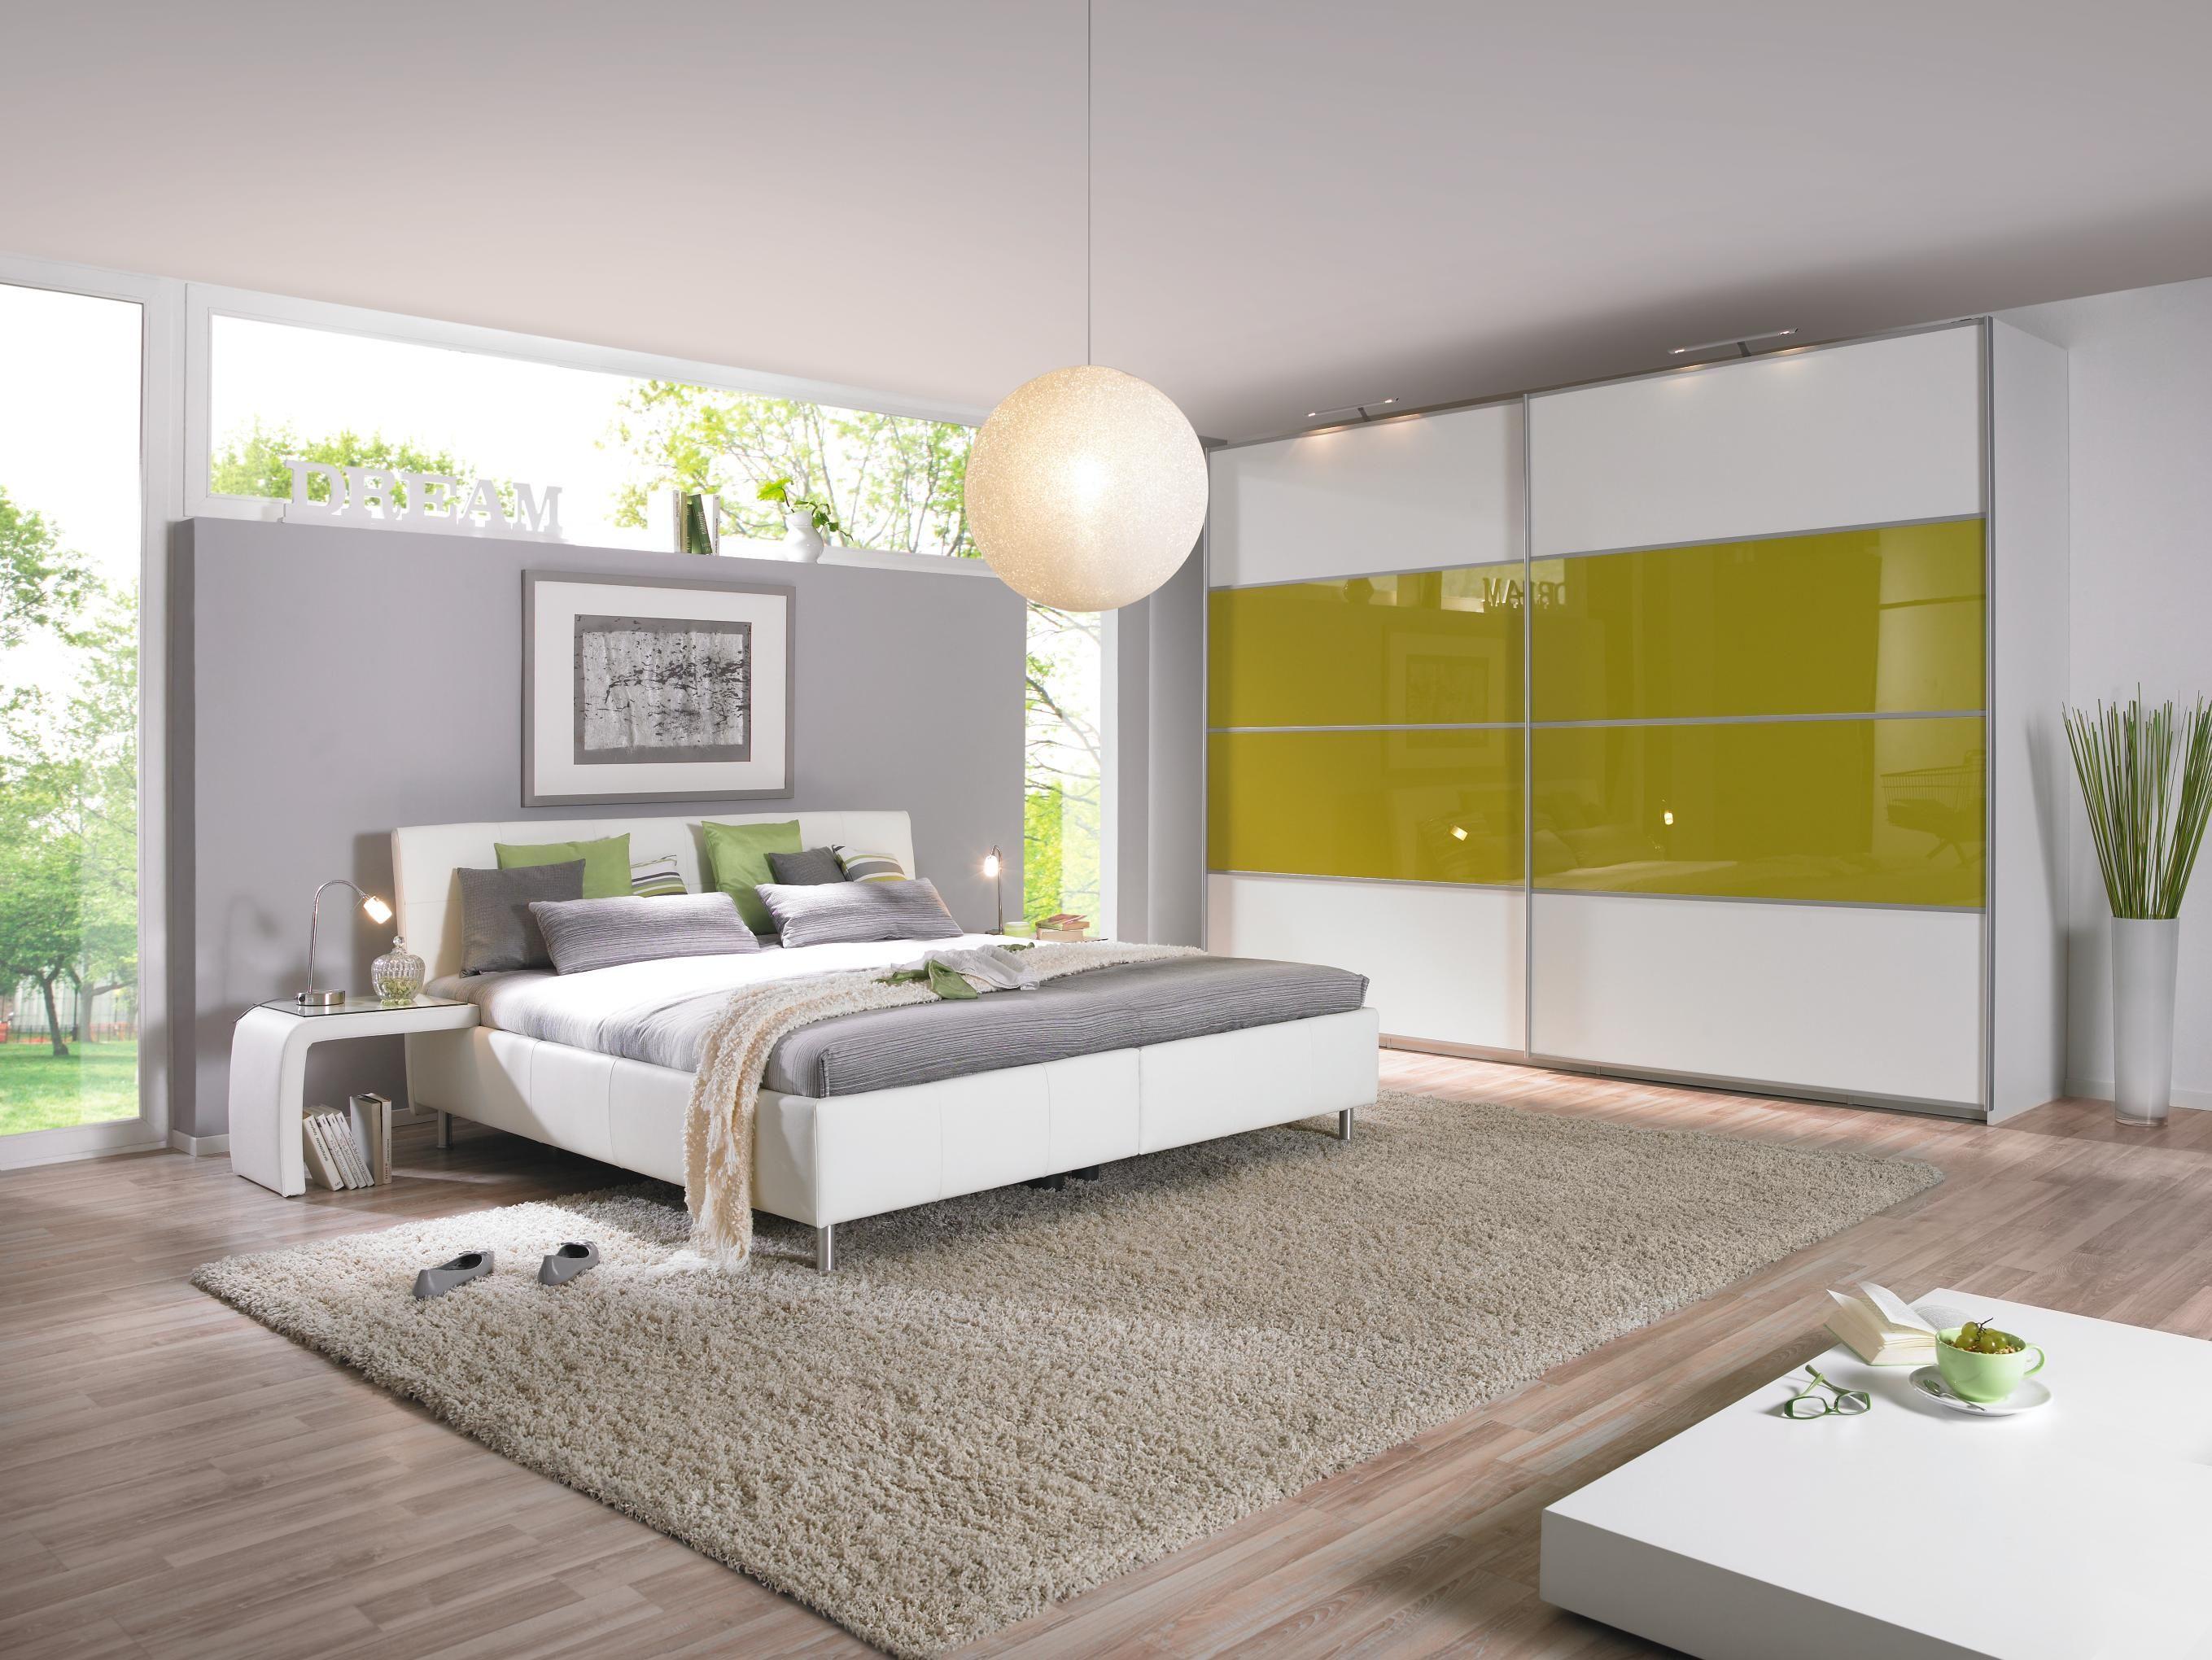 Schlafzimmer Venda ~ Helles modernes schlafzimmer komplett eingerichtet mit dieter